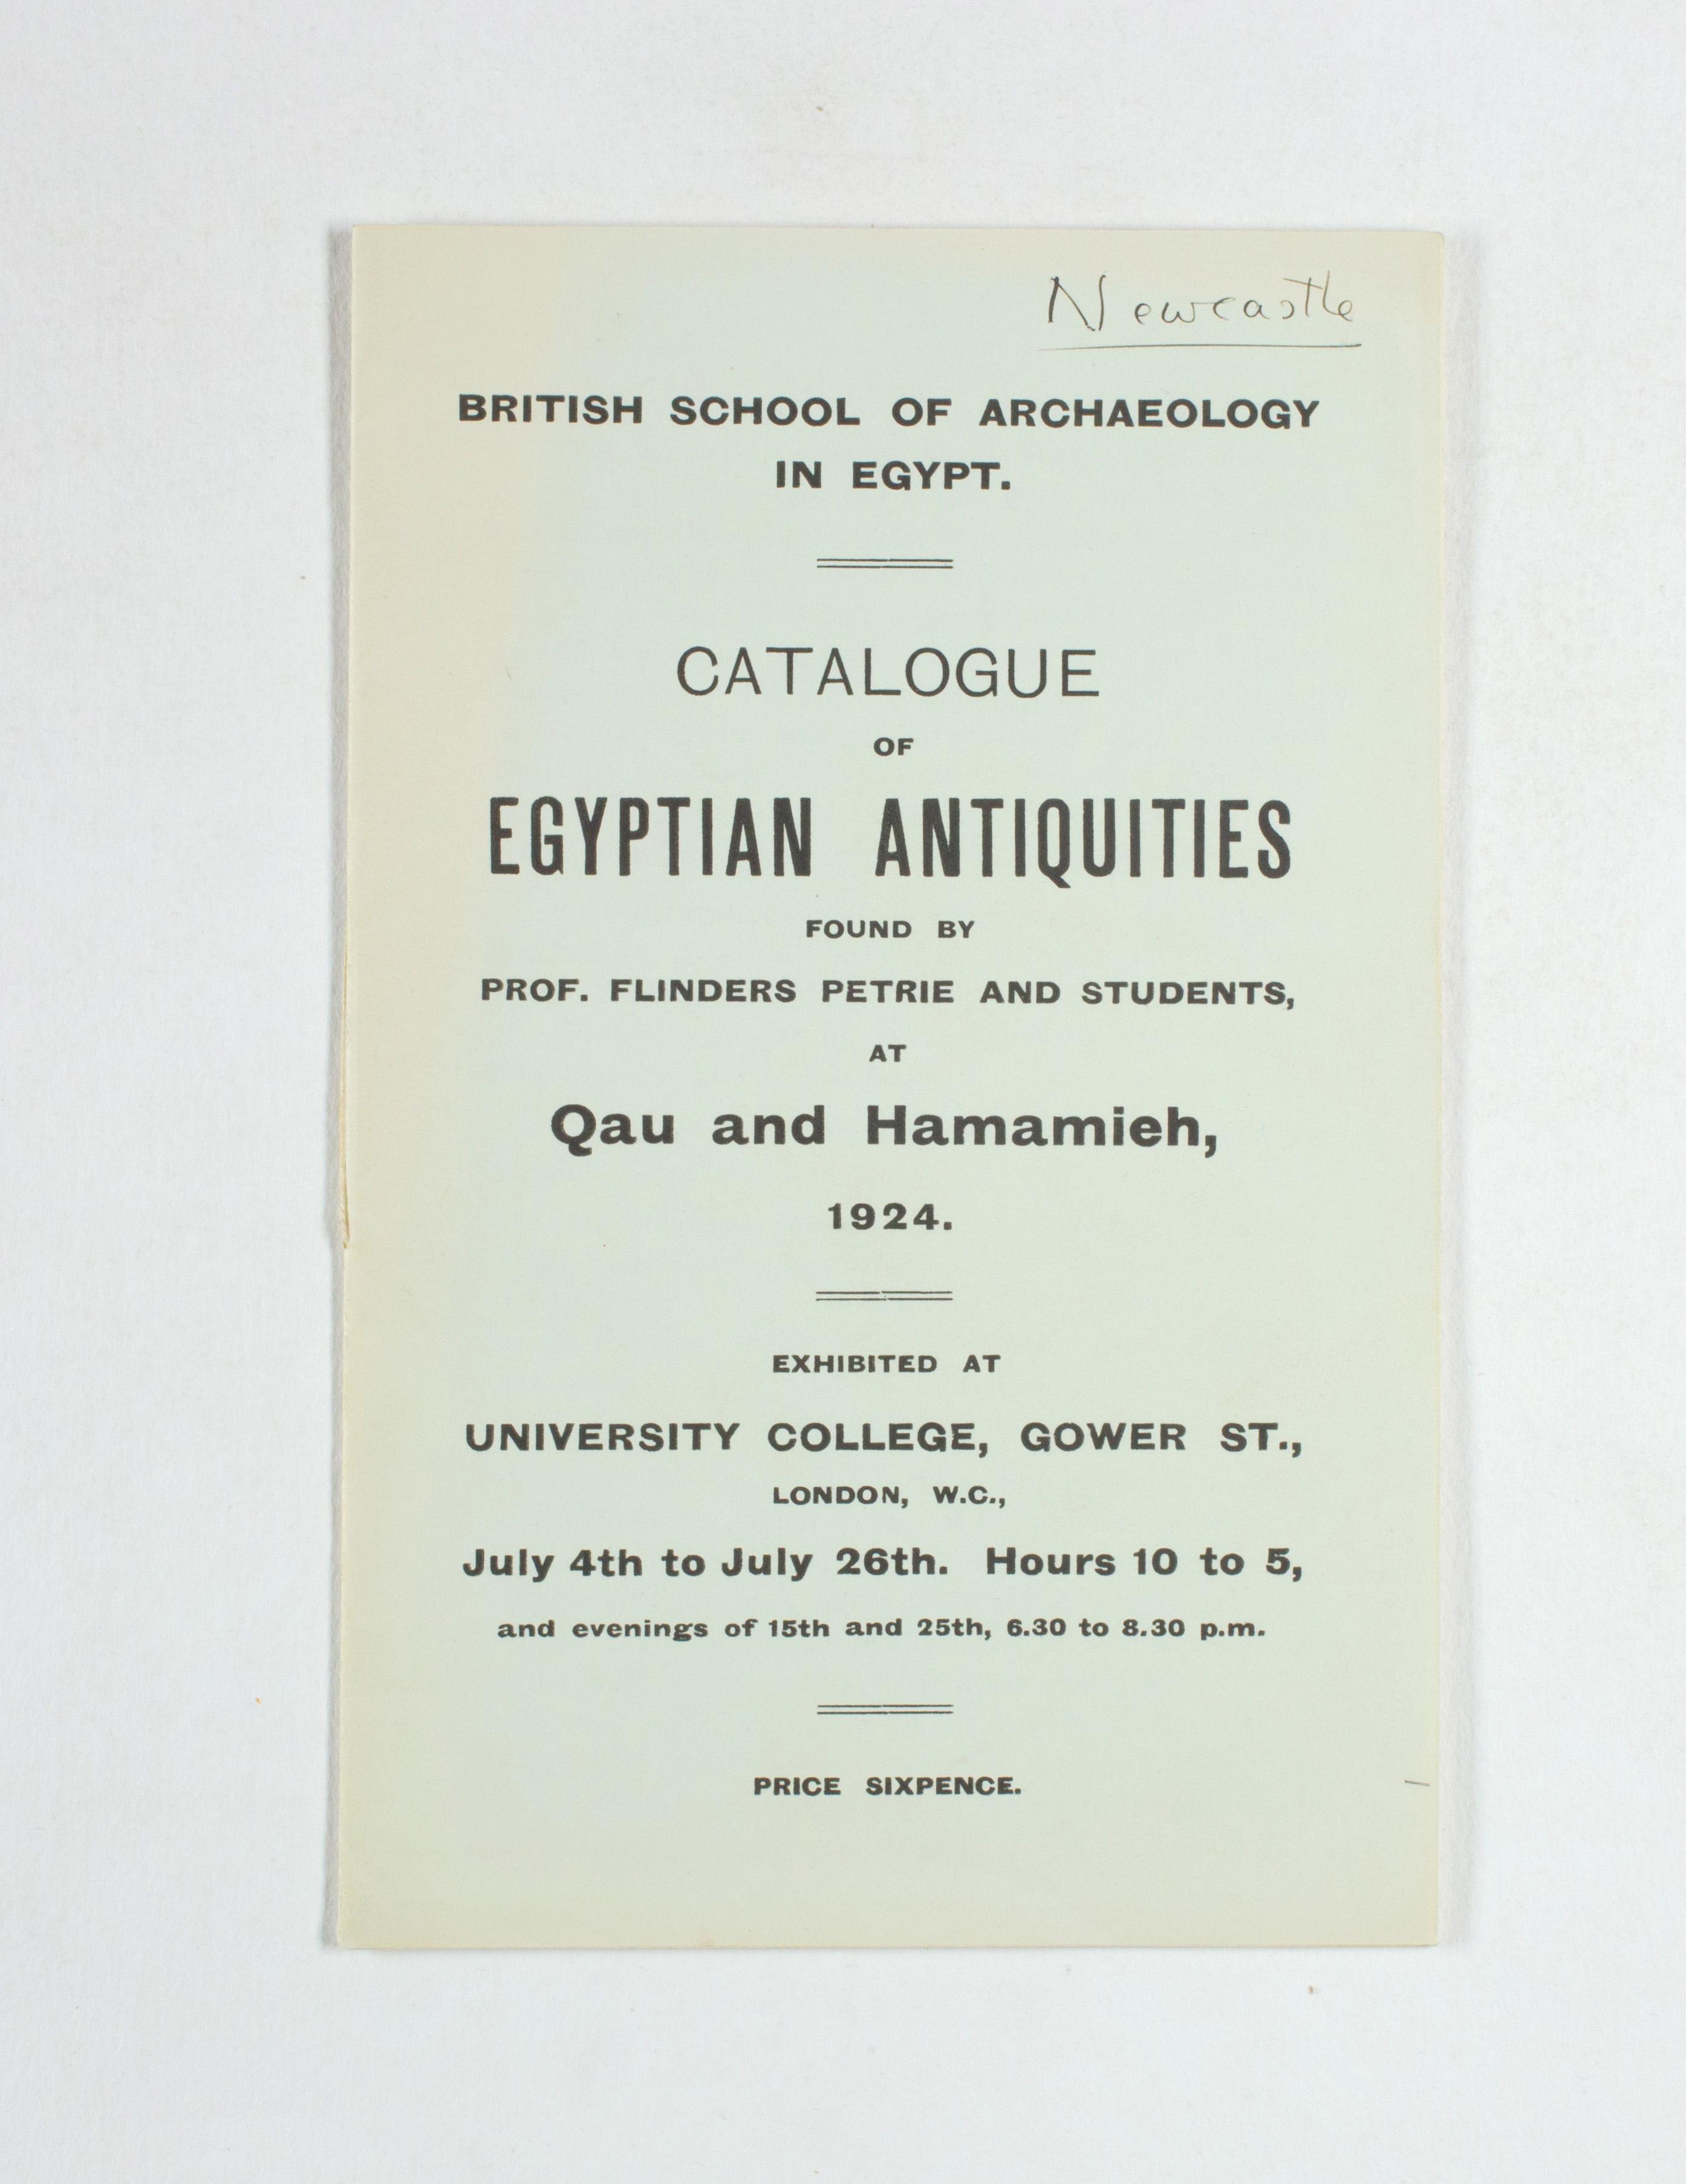 1923-24 Qau el-Kebir, Hemamieh Exhibition catalogue PMA/WFP1/D/27/36.1